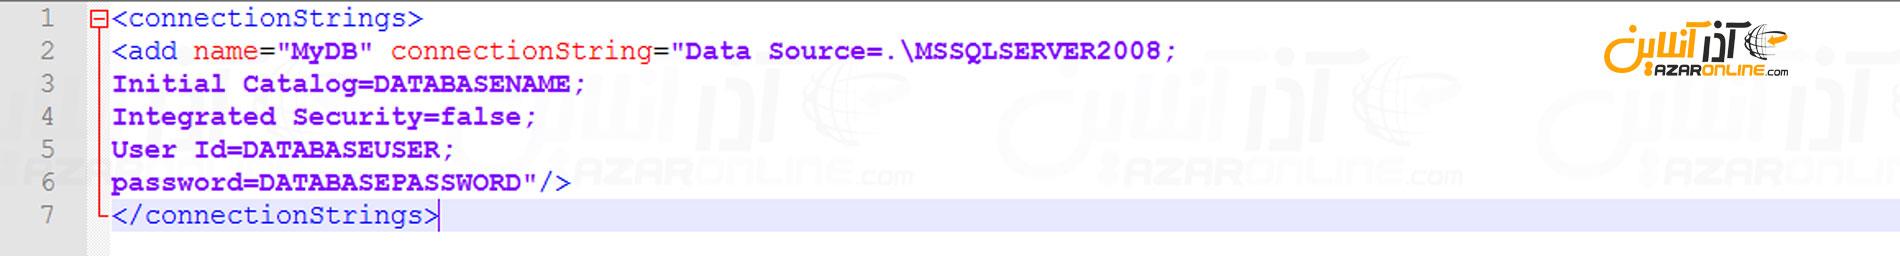 نمونه کد اول جهت تنظیم web.config جهت ارتباط با SQL در هاست ویندوز